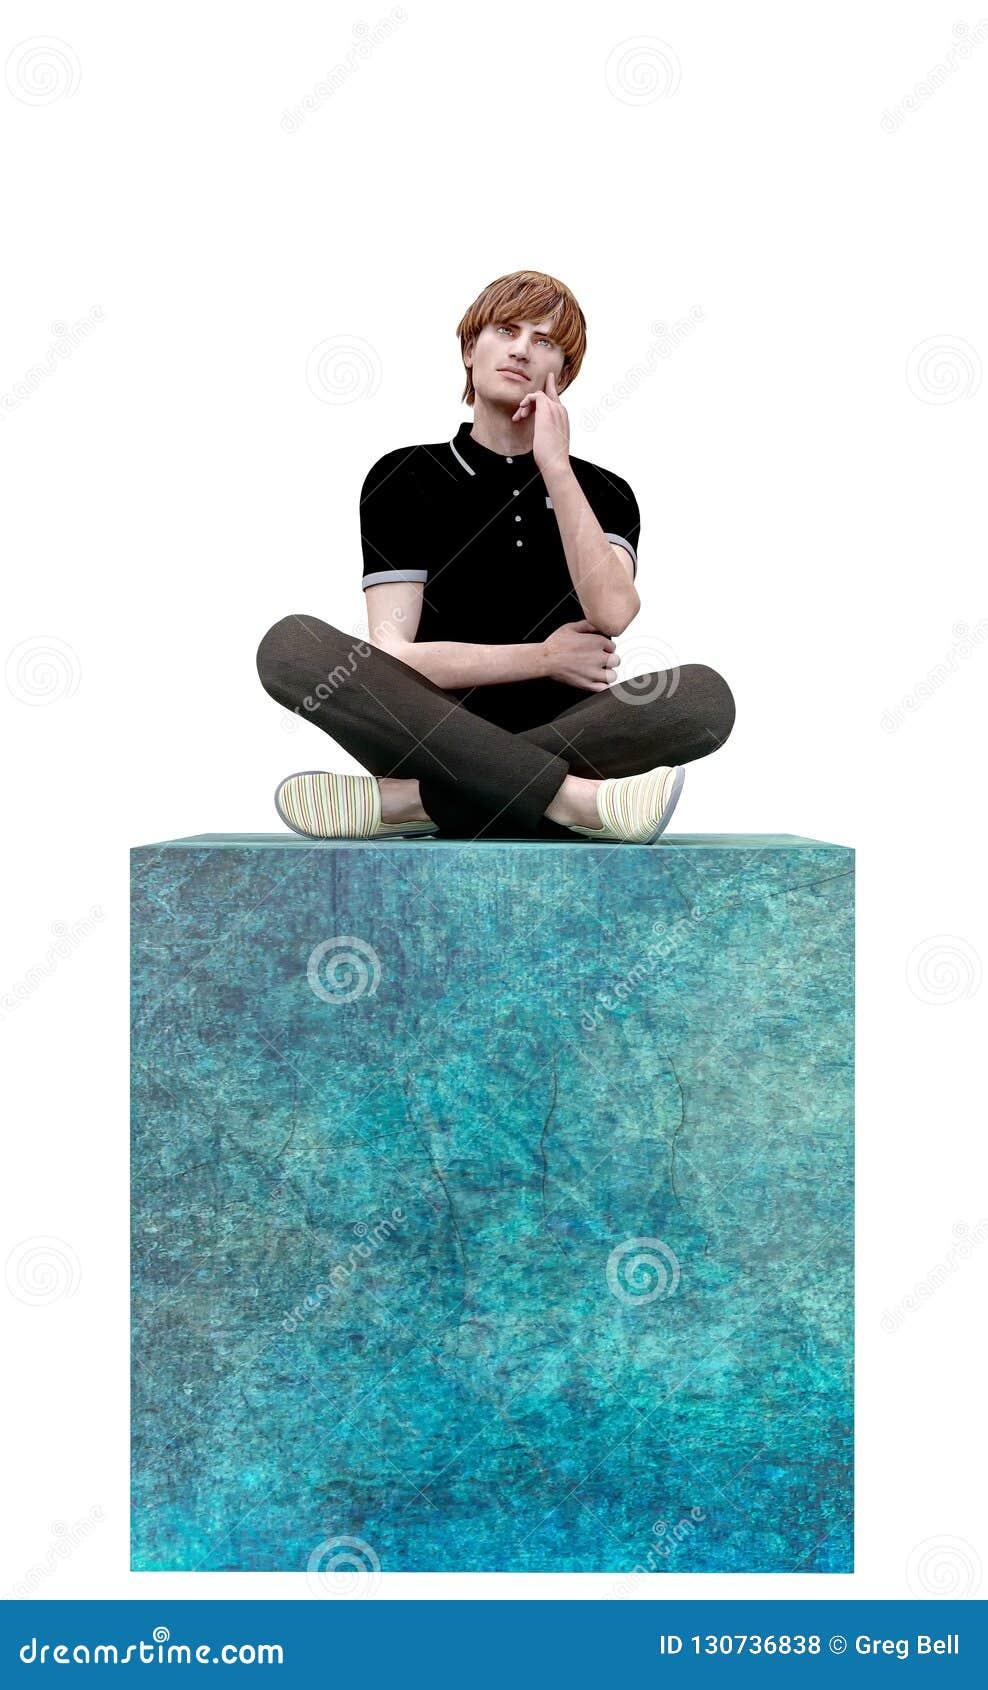 Μια απεικόνιση σκέφτεται έξω από το κιβώτιο ή την τετραγωνική έννοια